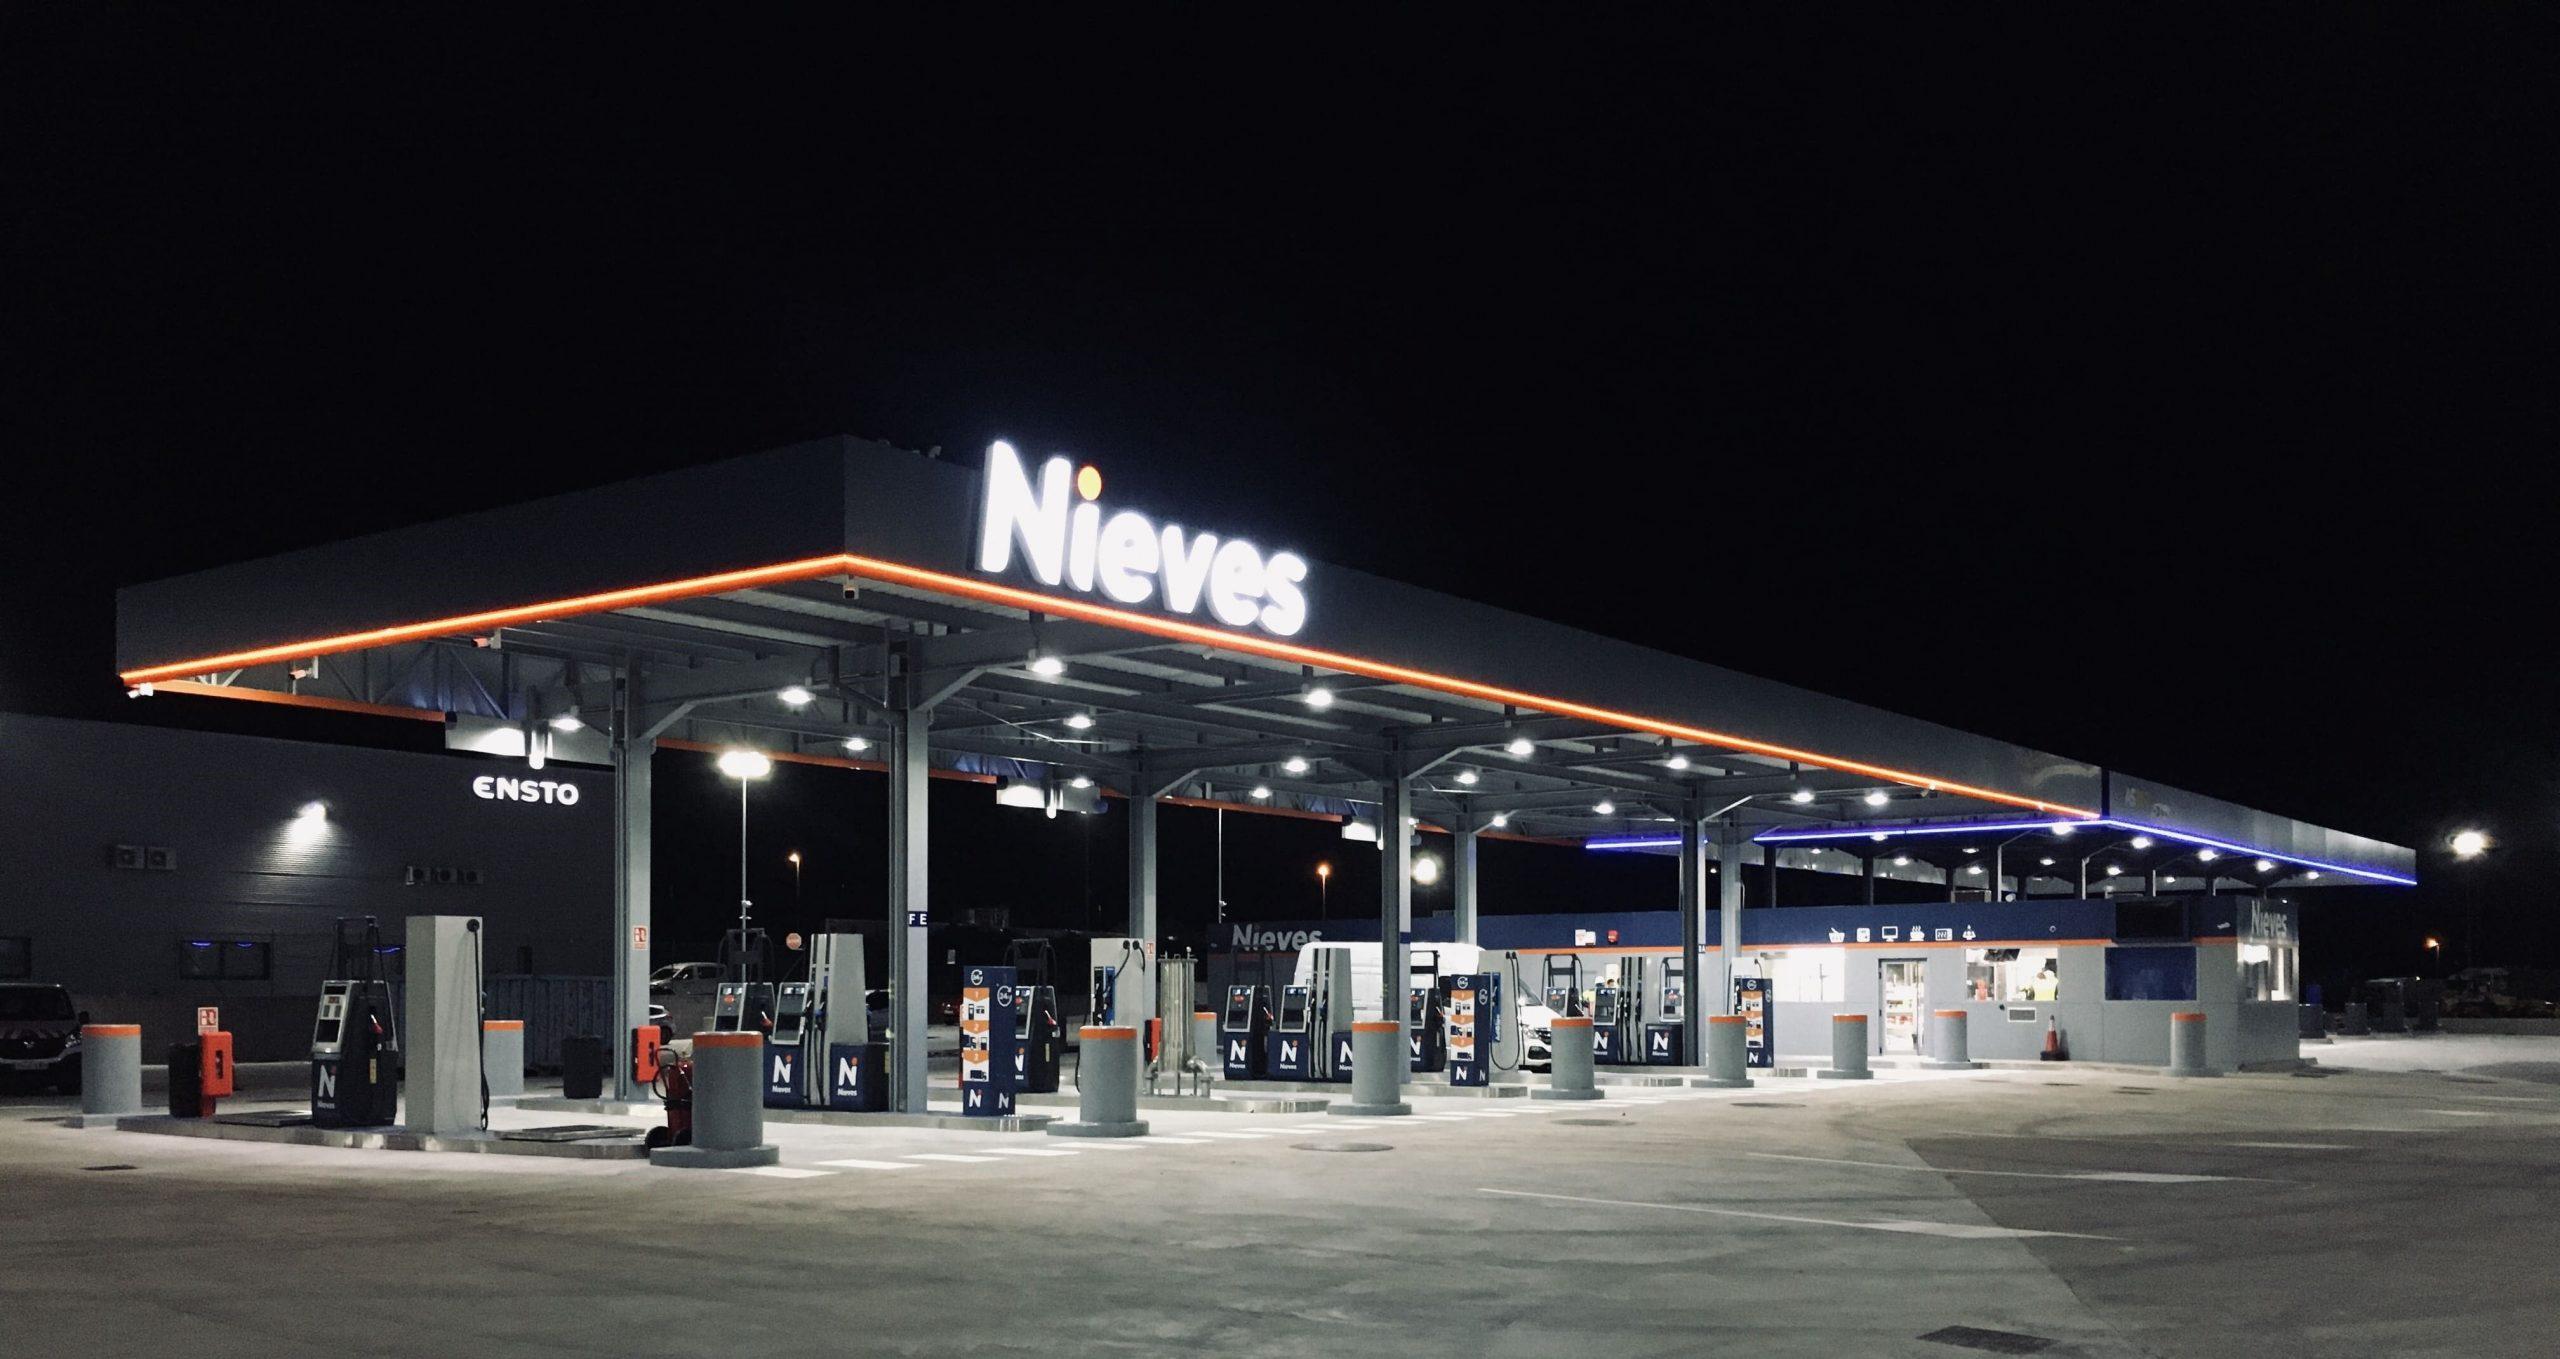 El grupo energético Nieves cierra 2020 con un resultado de 2.2 millones de euros